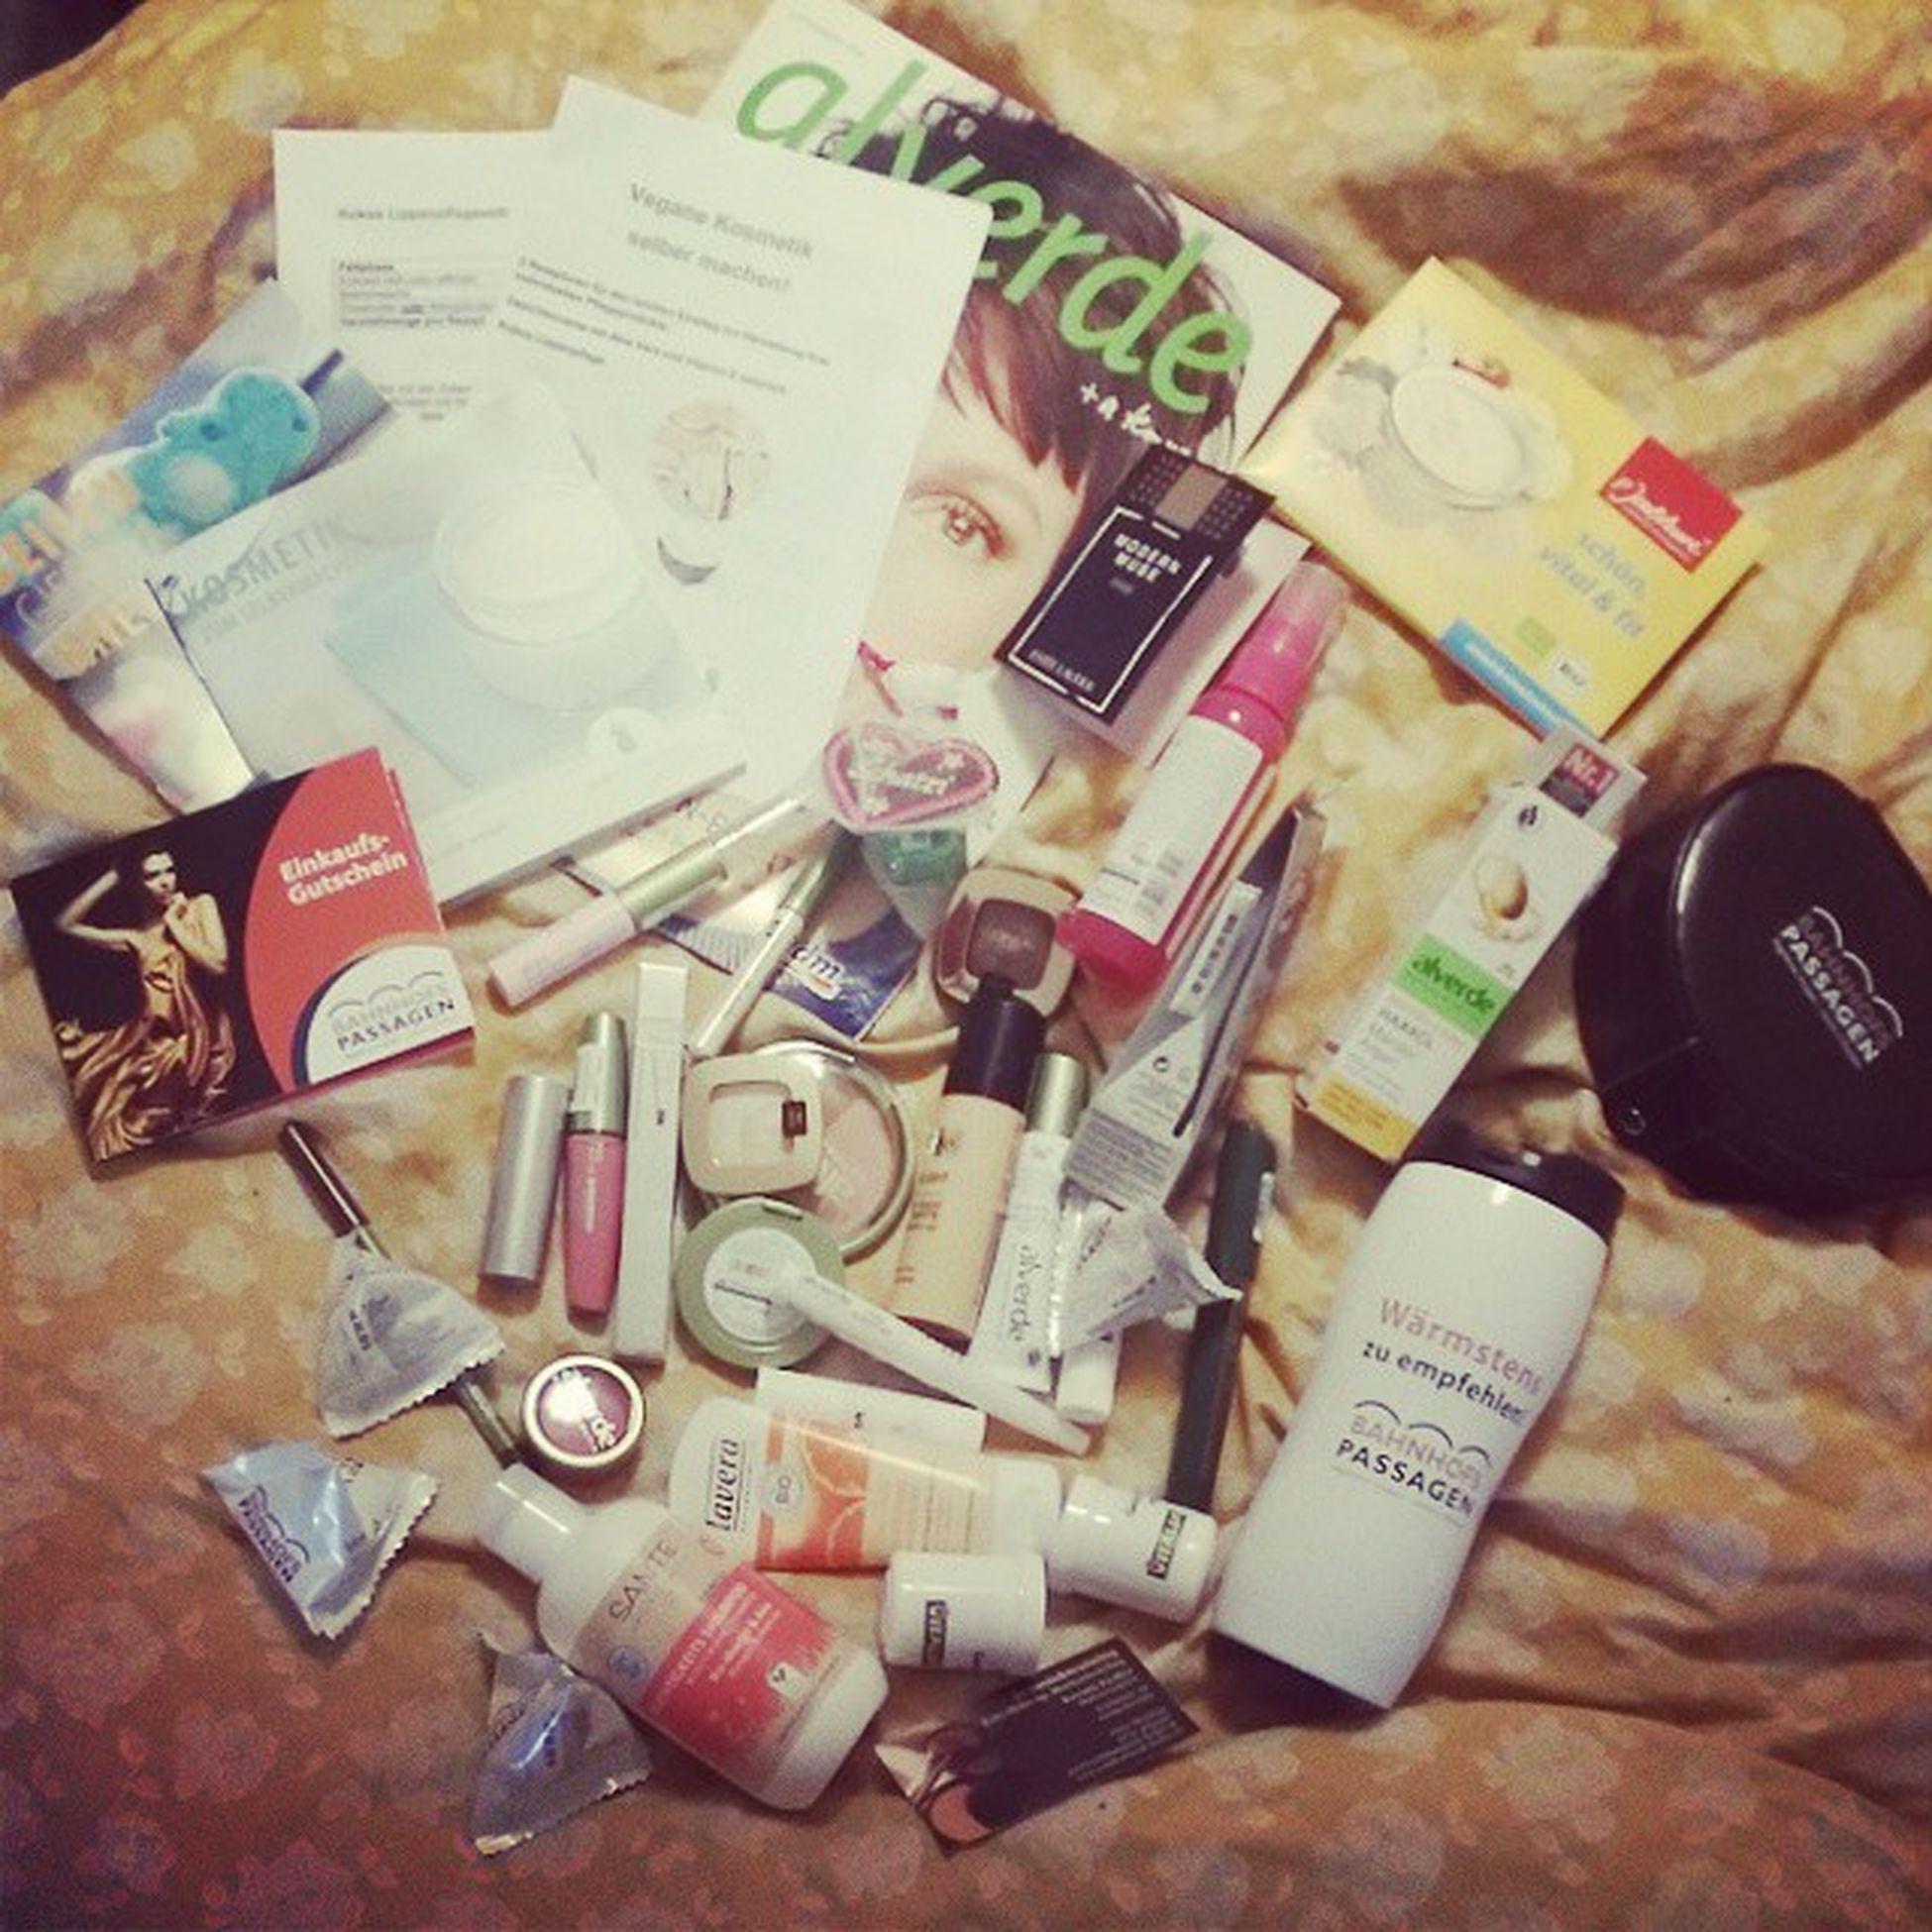 Ich durfte für 100 Euro Kosmetik Makeup shoppen und hier die ausbeute :) oder wie macht man eine Frau glücklich ? Beautydays Bahnhofspassagen potsdam